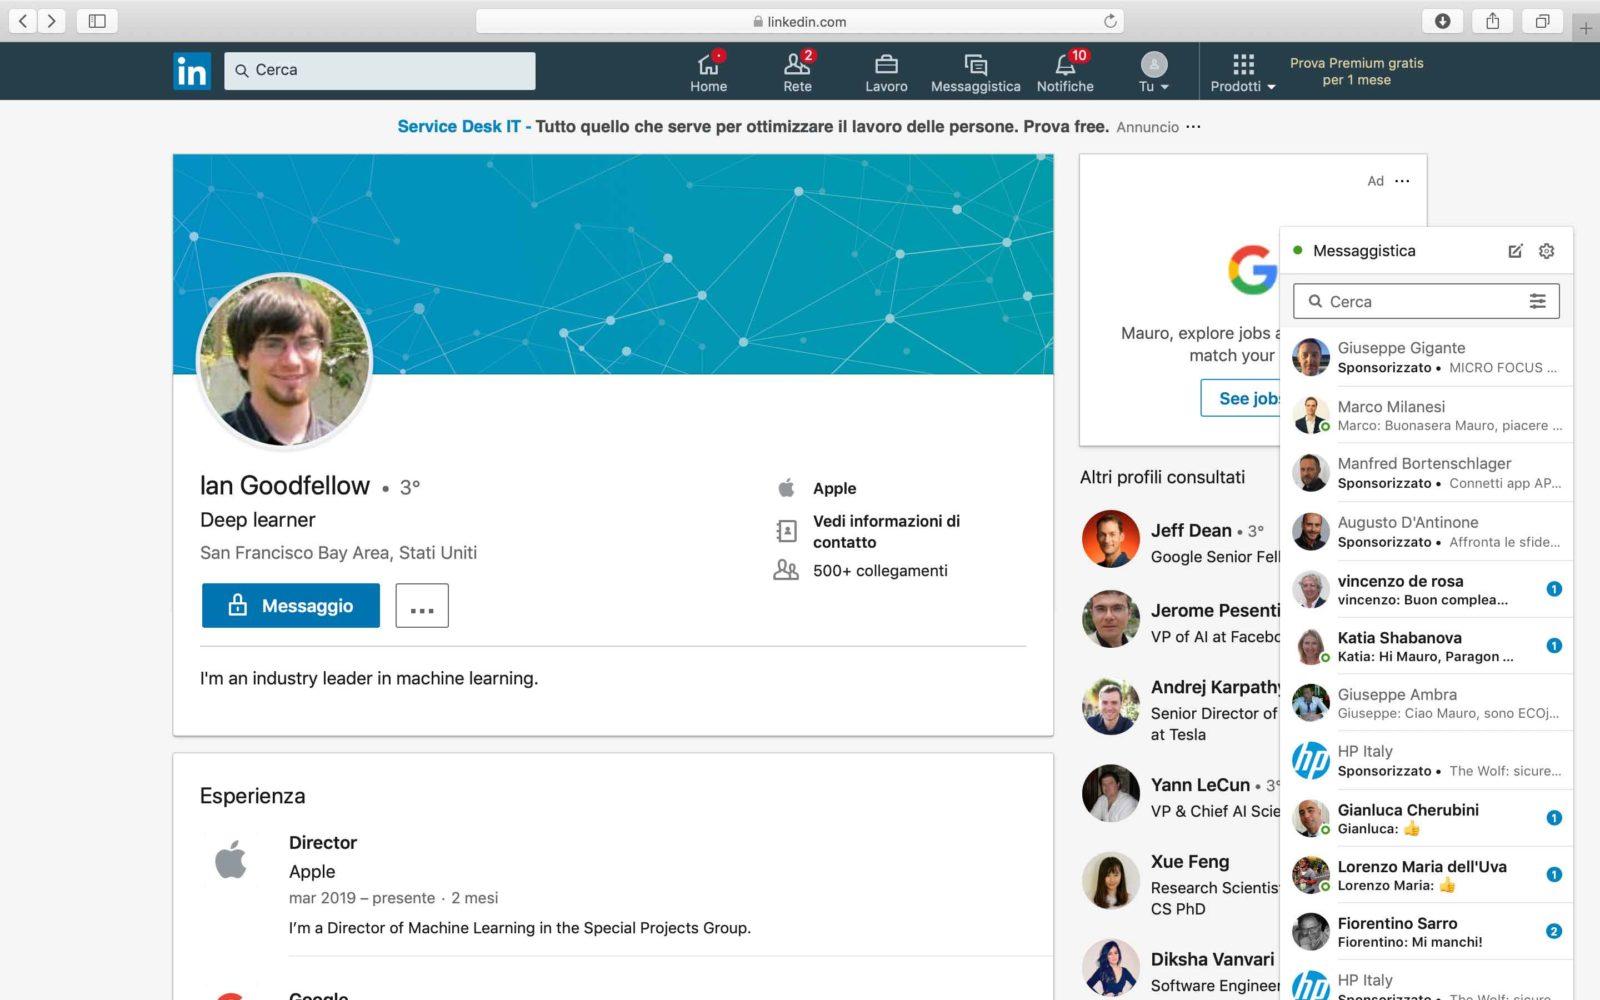 Profilo LinkedIn di Ian Goodfellow